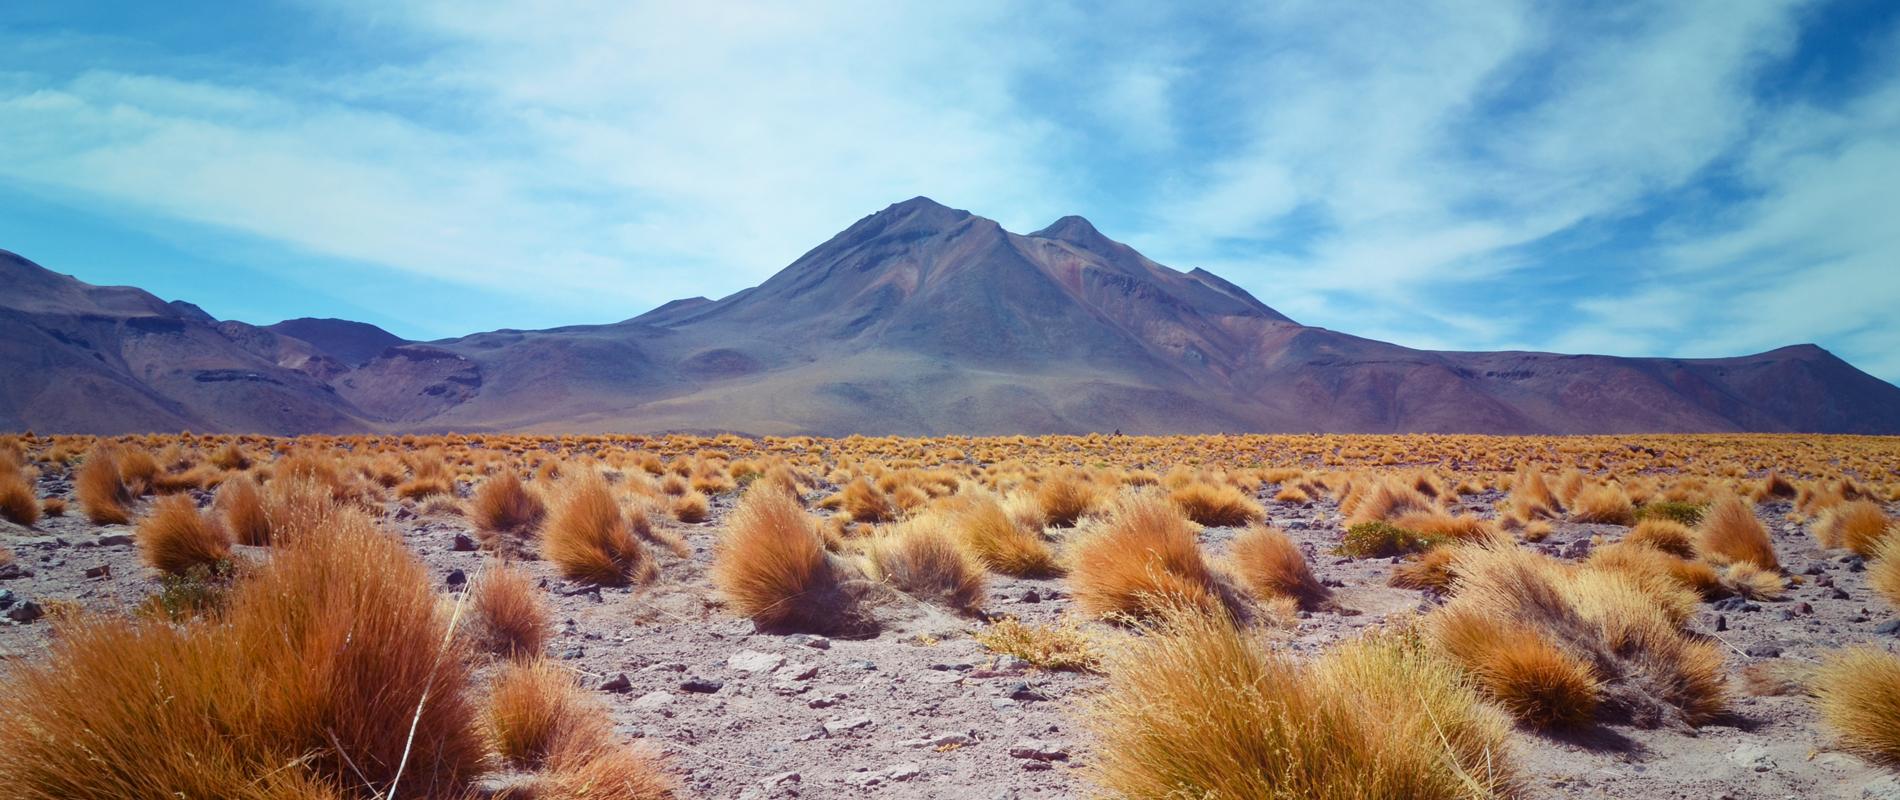 Chili | Désert d'Atacama